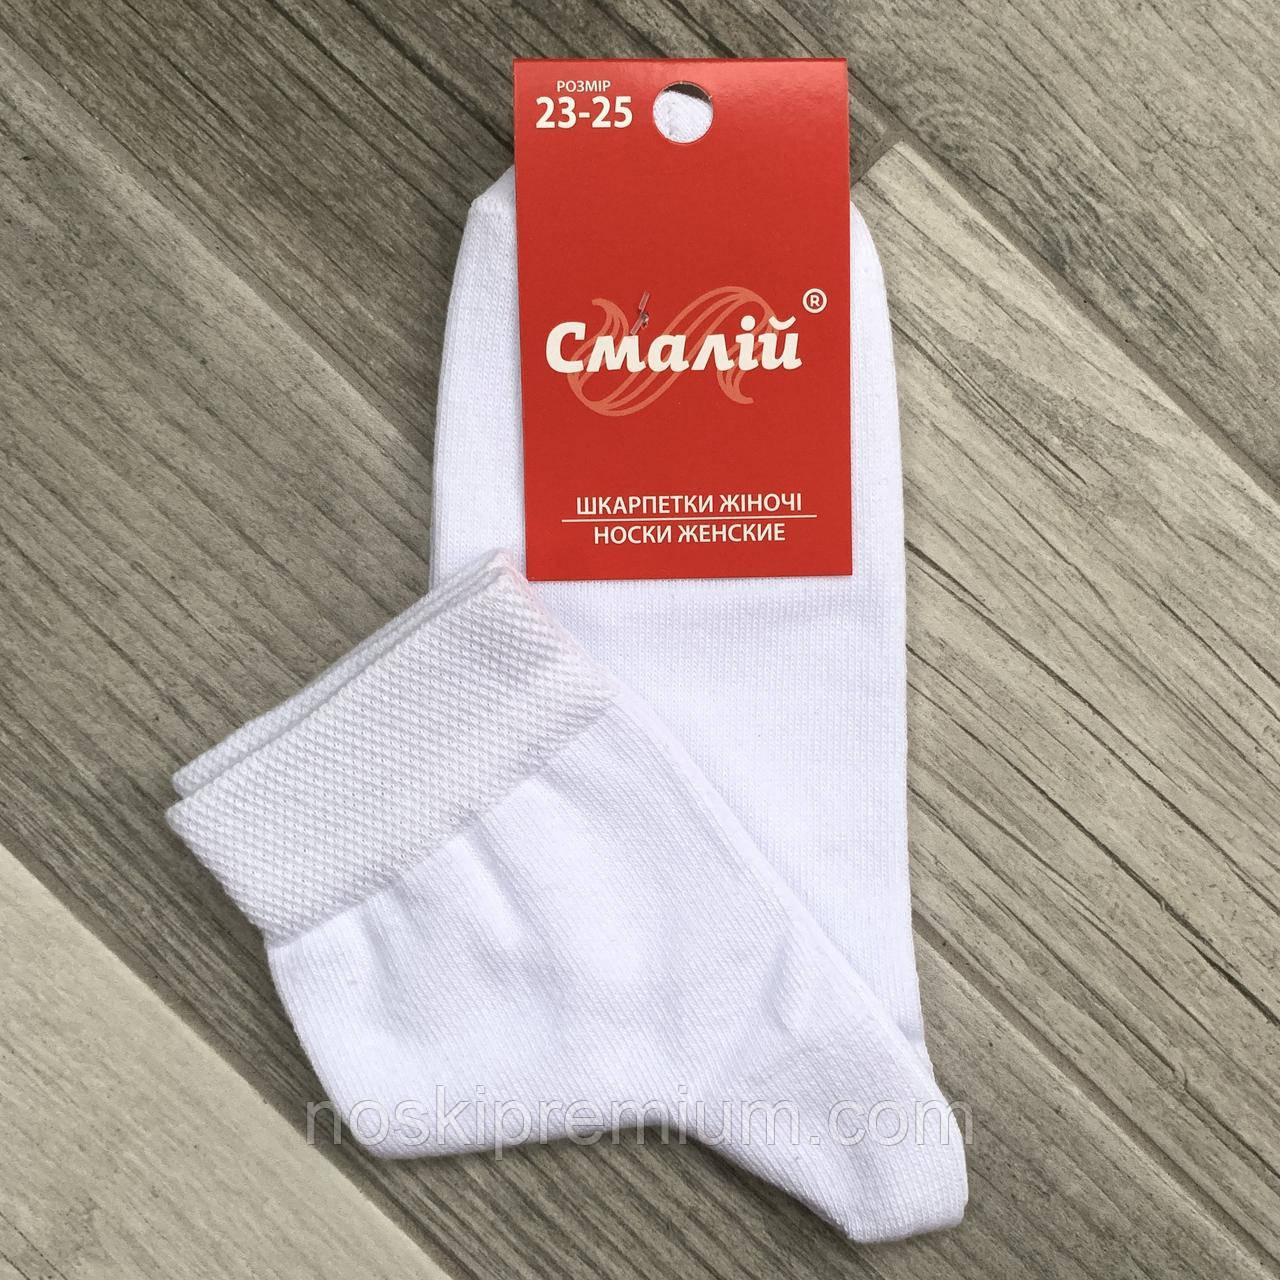 Носки женские демисезонные х/б Смалий, 11В4-350Д, 23-25 размер, белые